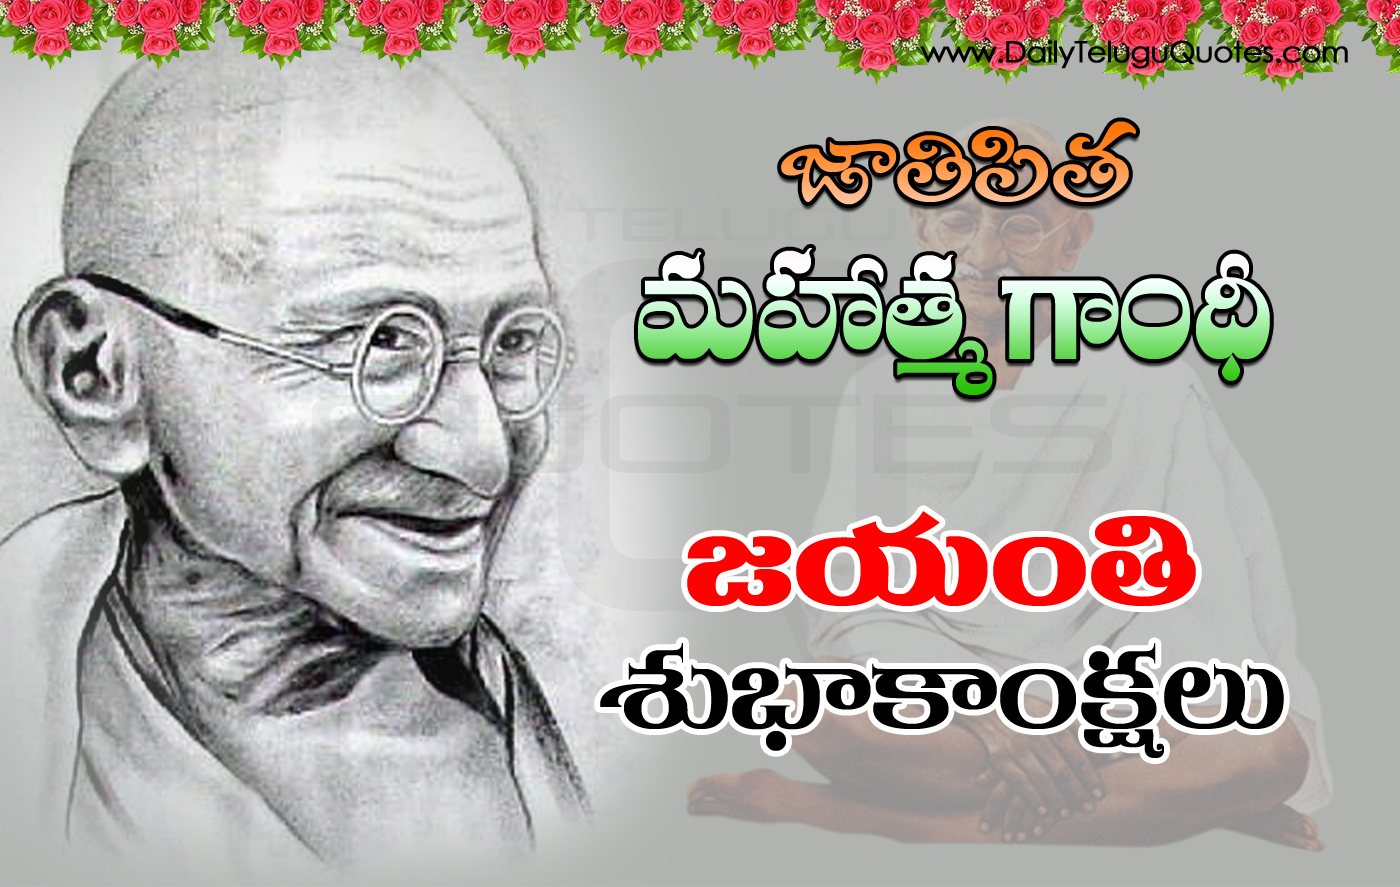 Gandhi Jayanthi Wallpaper And Greetings In Telugu 2015